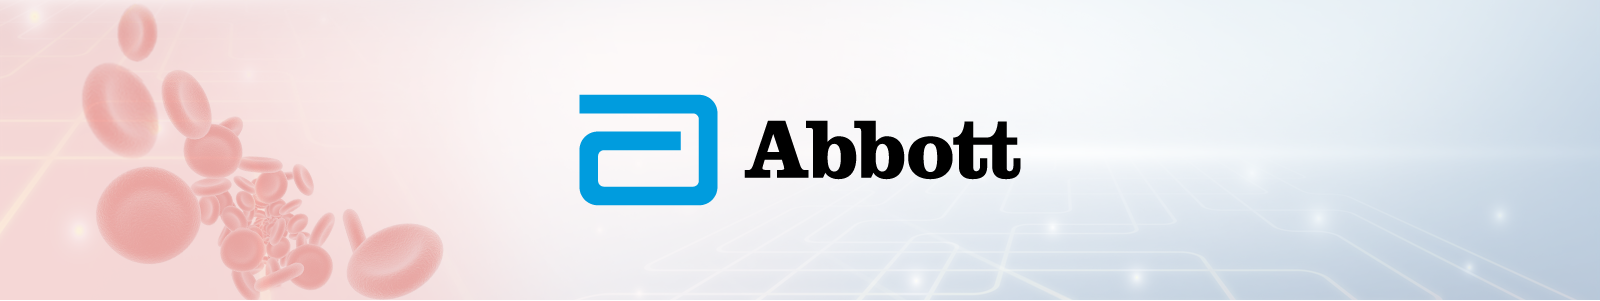 Abbott-2